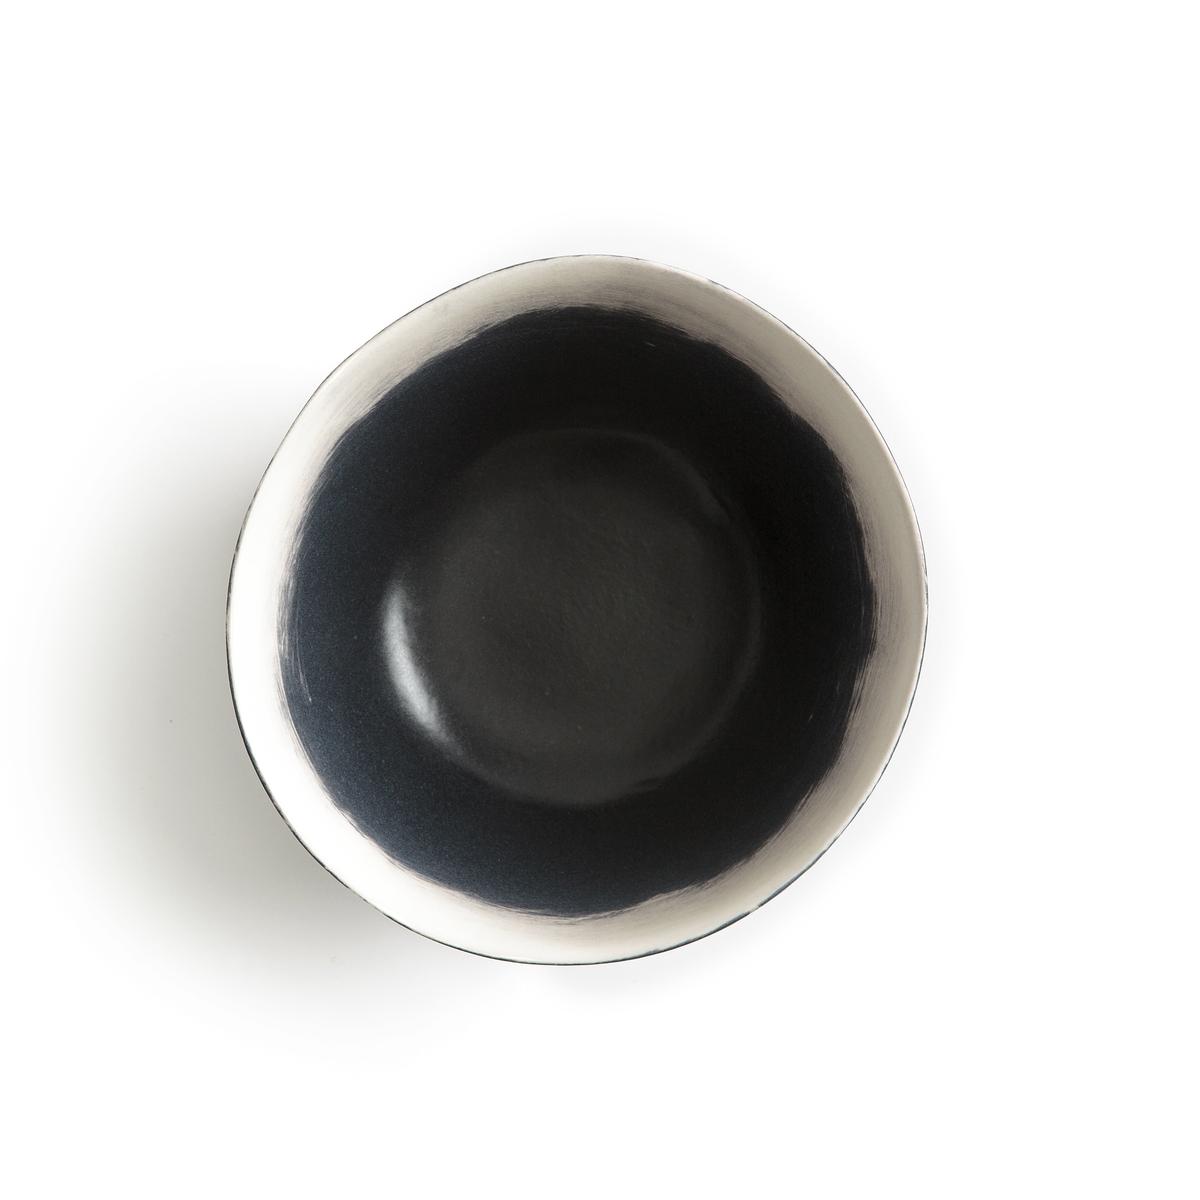 Комплект из 4 чашек из фаянса, Asakan, дизайн В. Барковски4 чашки Asakan. Творение Валери Барковски эксклюзивно для AM .PM коллекция предметов для стола, созданная под вдохновением от ее путешествий в Индию или Марокко, с оригинальными рисунками и формами, из натуральных материалов и текстуры ткани без отделки.Аутентичность и неподвластность времени - его ключевые слова, его творения отлично подходят для создания качественных товаров, неподвластных моде, сочетающих простоту, оригинальность и ручное производство.Размазанный эффект выполнен вручную. Глубокие и десертные тарелки данной коллекции продаются на нашем сайте.Характеристики : - Из фаянса, покрытого глазурью, с матовой отделкой- Выполненный вручную рисунок может слегка отличаться на разных моделях- Можно использовать в посудомоечных машинах и микроволновых печахРазмеры : - ?15 x В.6 см.<br><br>Цвет: черный/ белый